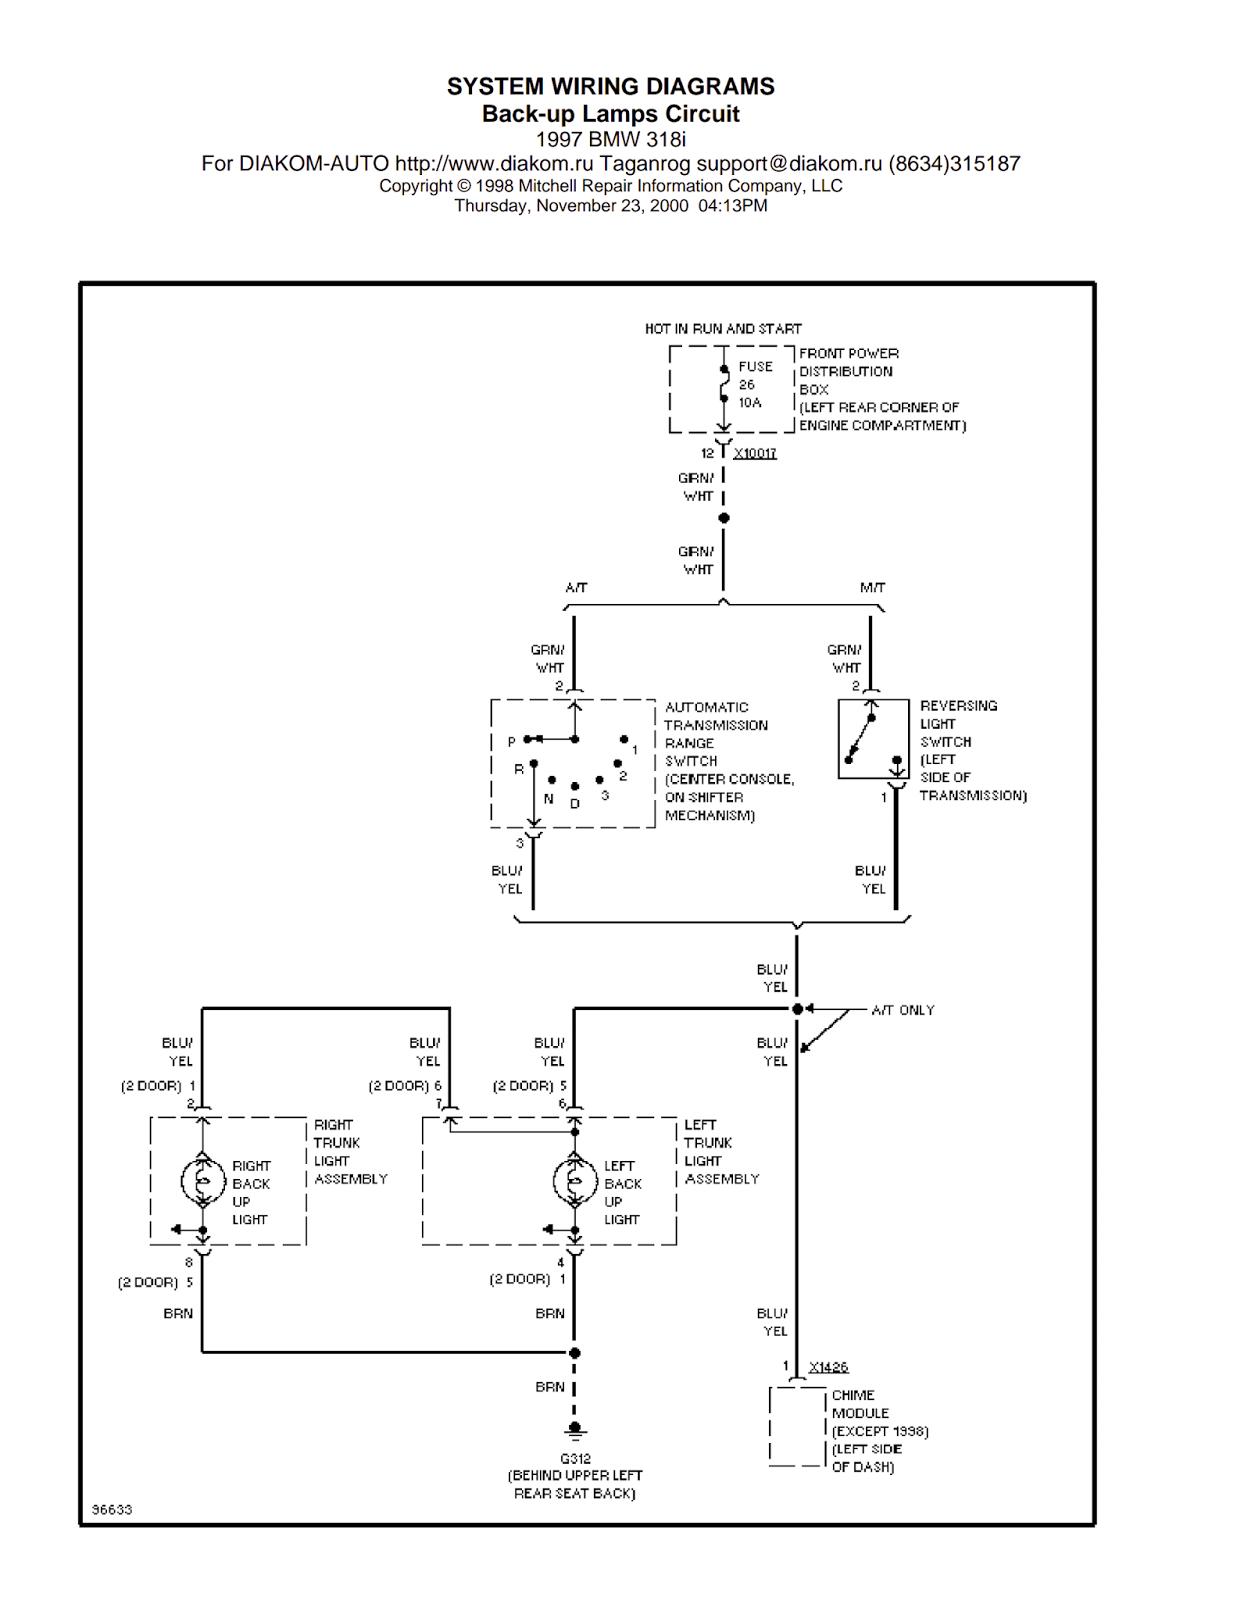 Wunderbar 1997 Bmw 650 Schaltplan Ideen - Der Schaltplan - greigo.com